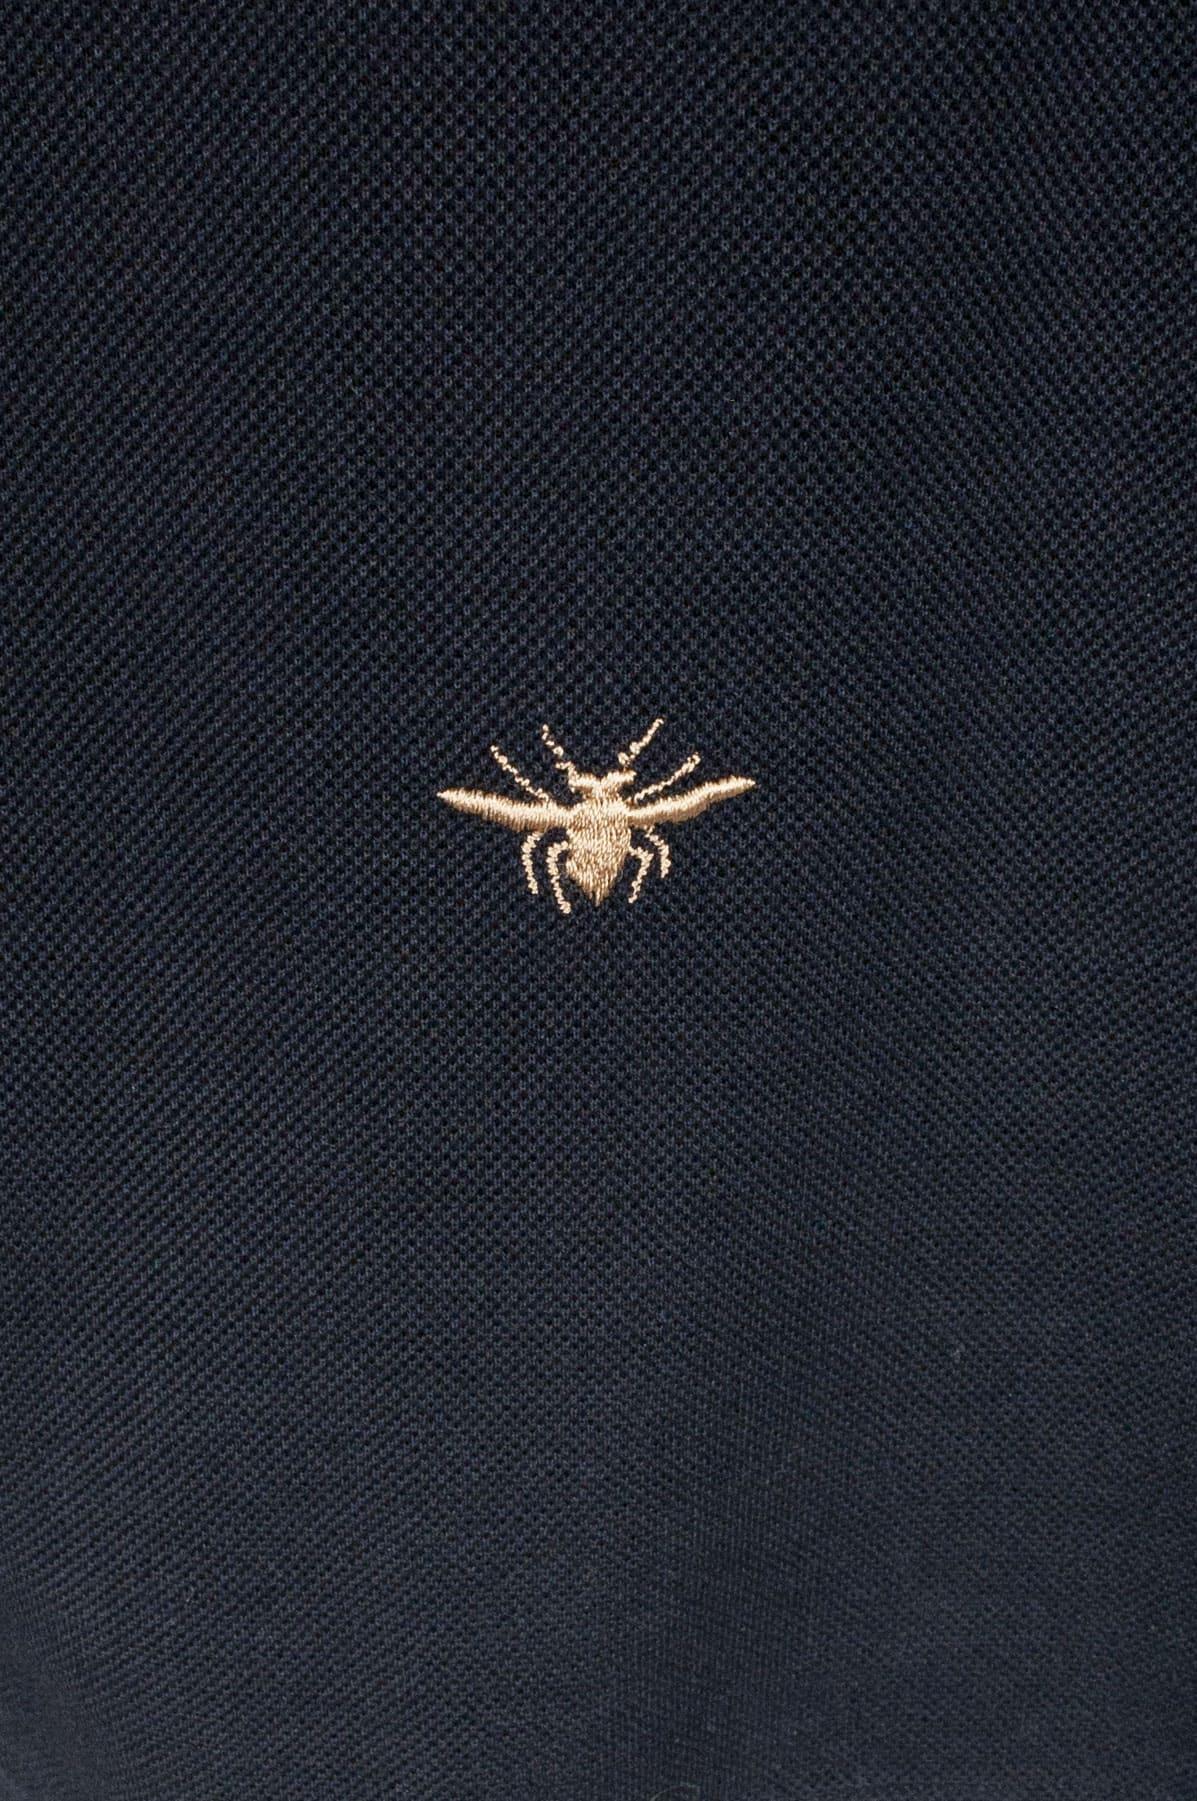 Dior-Homme-Bee-ilgarankoviai-polo-marskineliai-dydis-s-m (3)